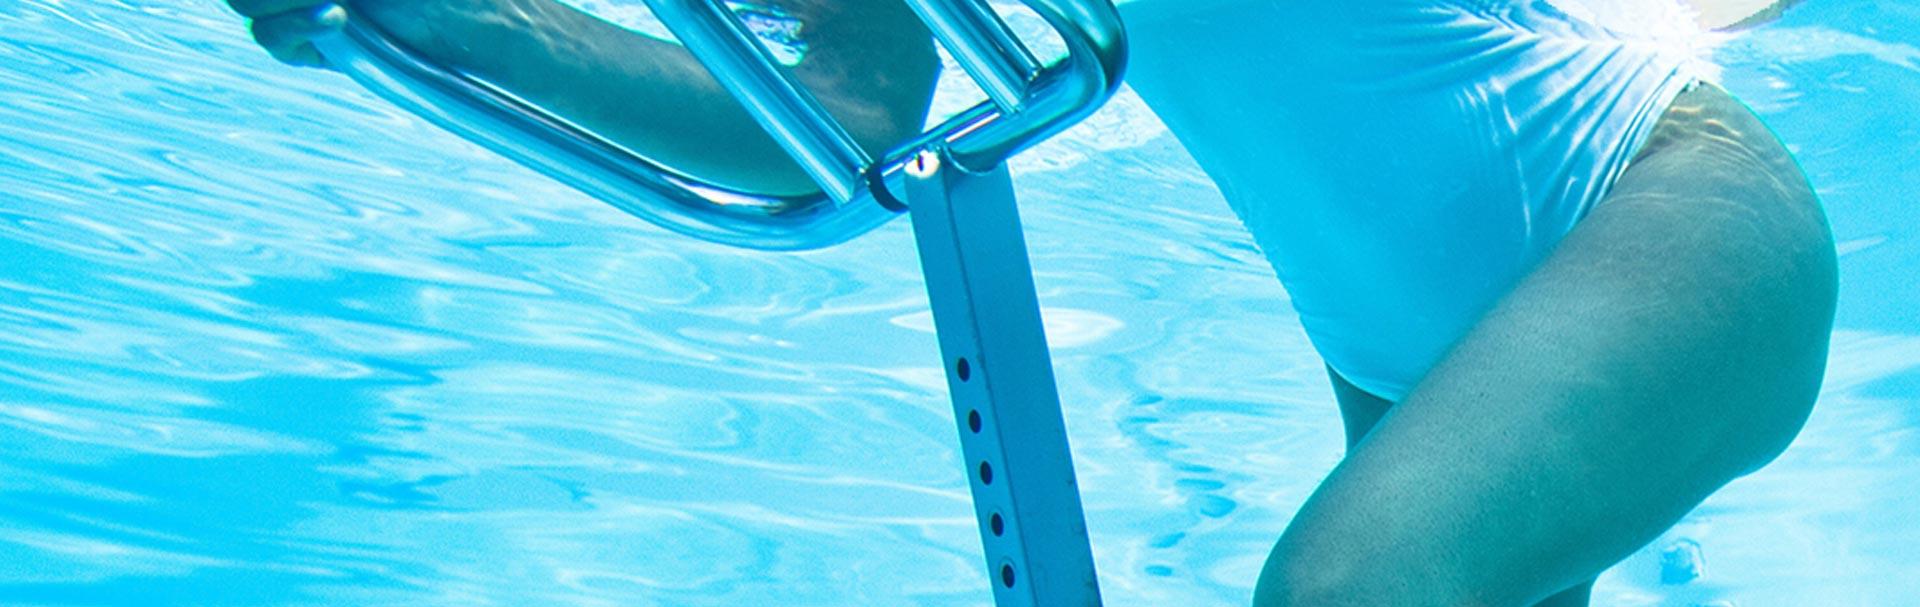 emisante.be emisport aquabike